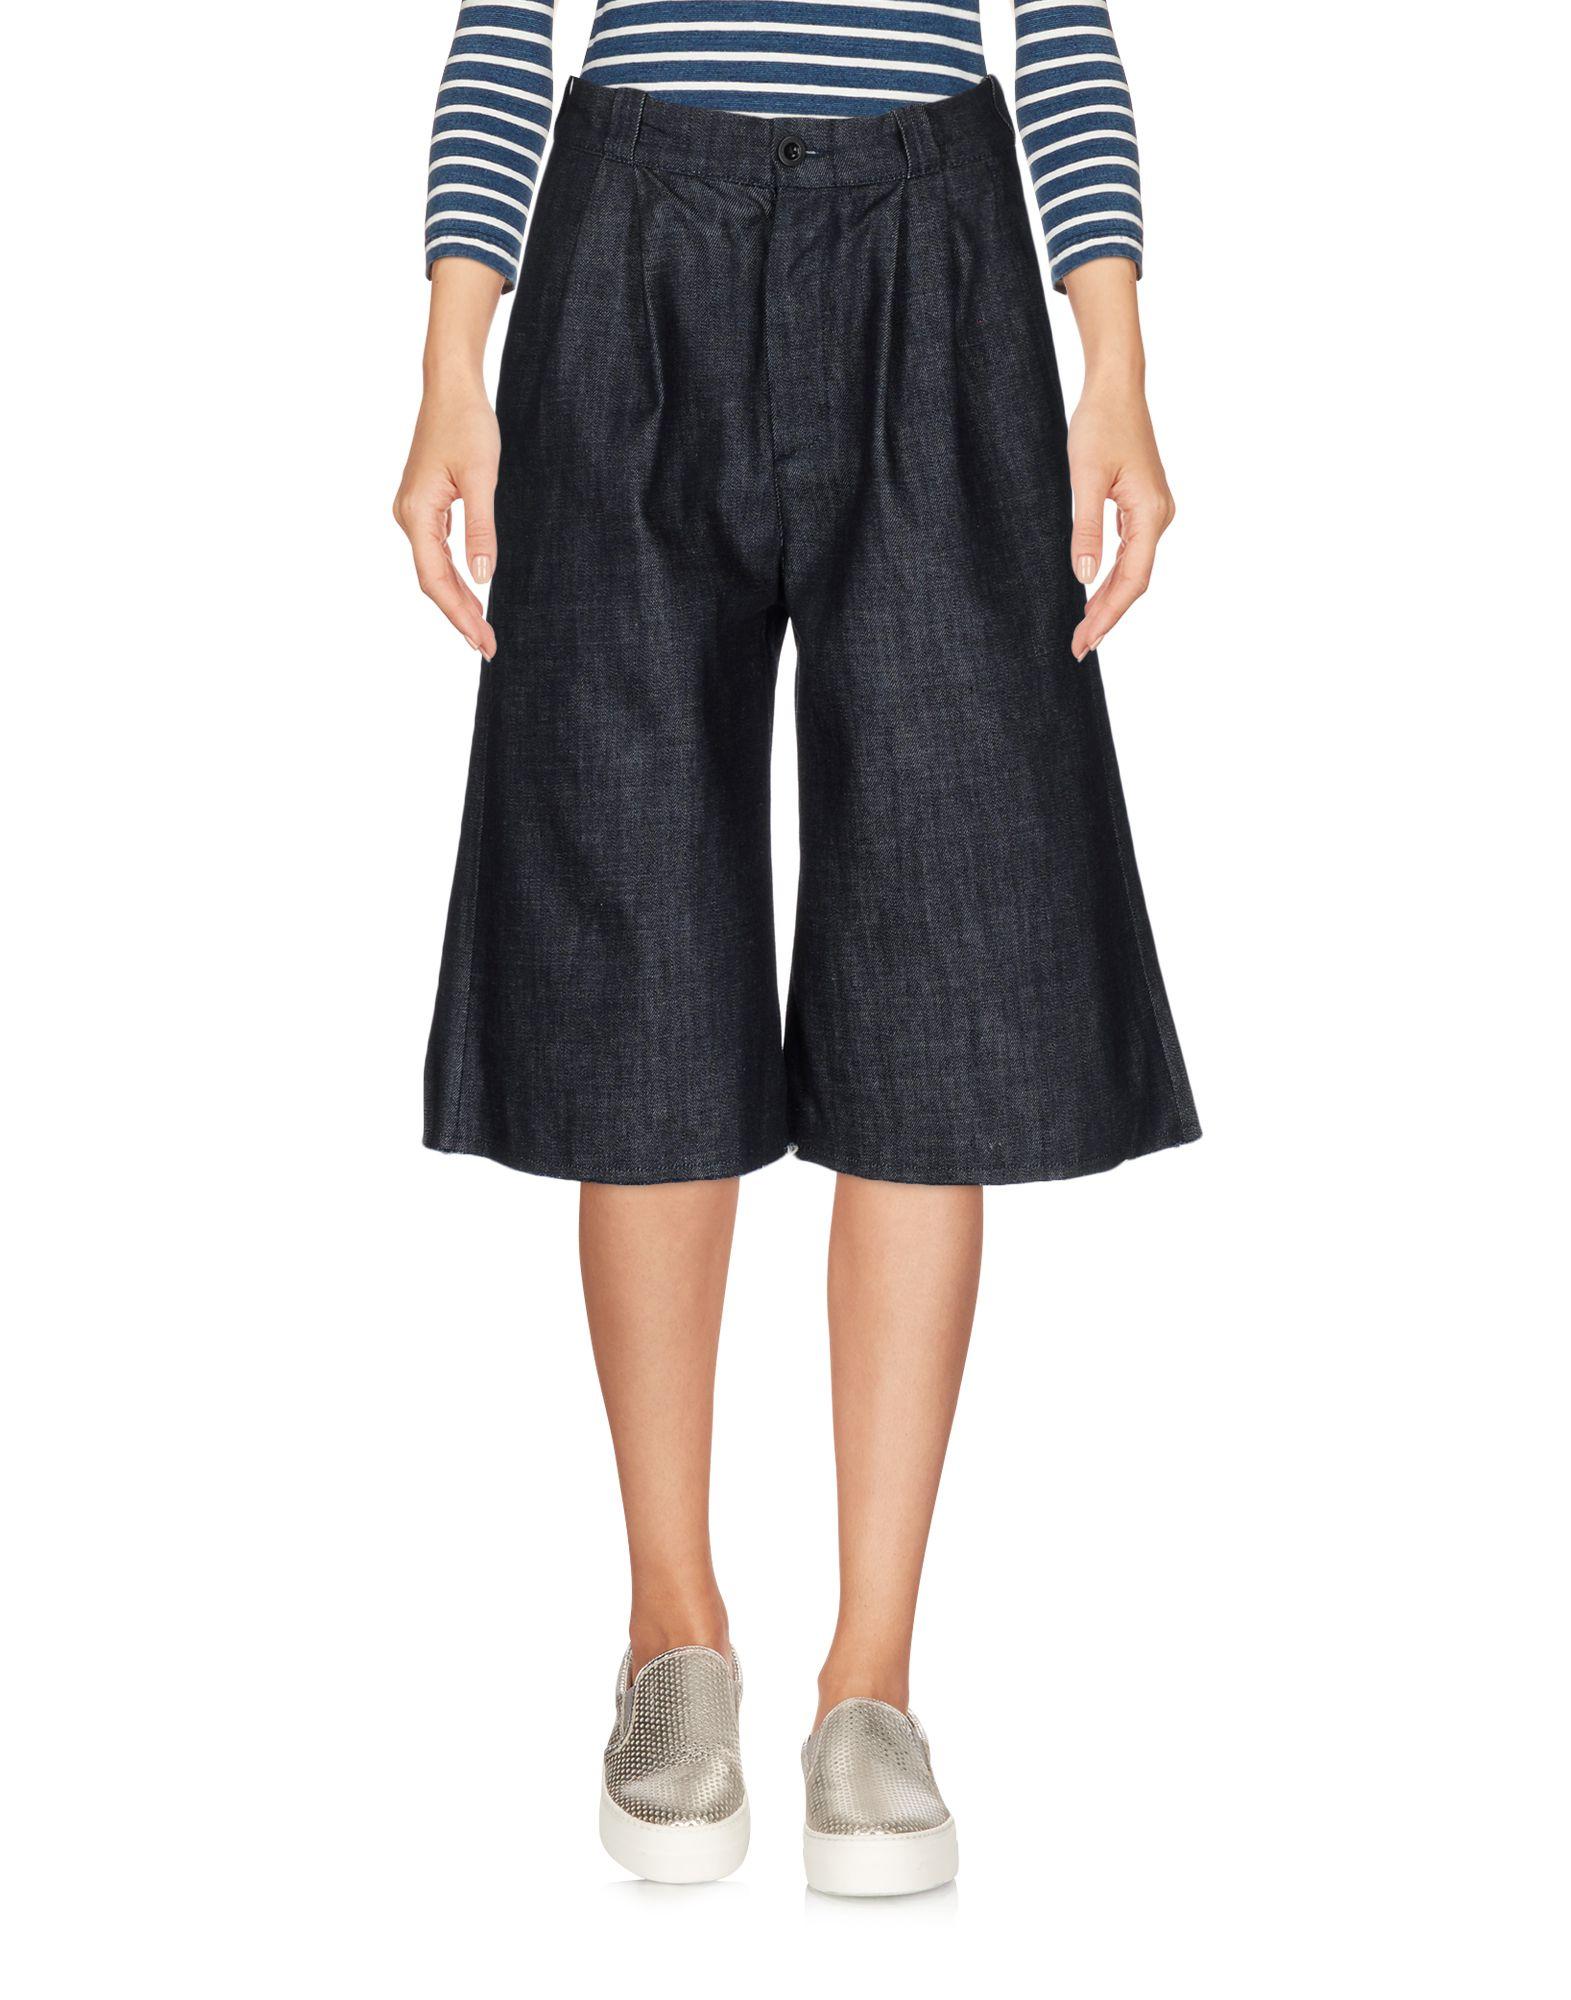 Pantaloni Jeans Bark Donna - Acquista online su 61kGWk